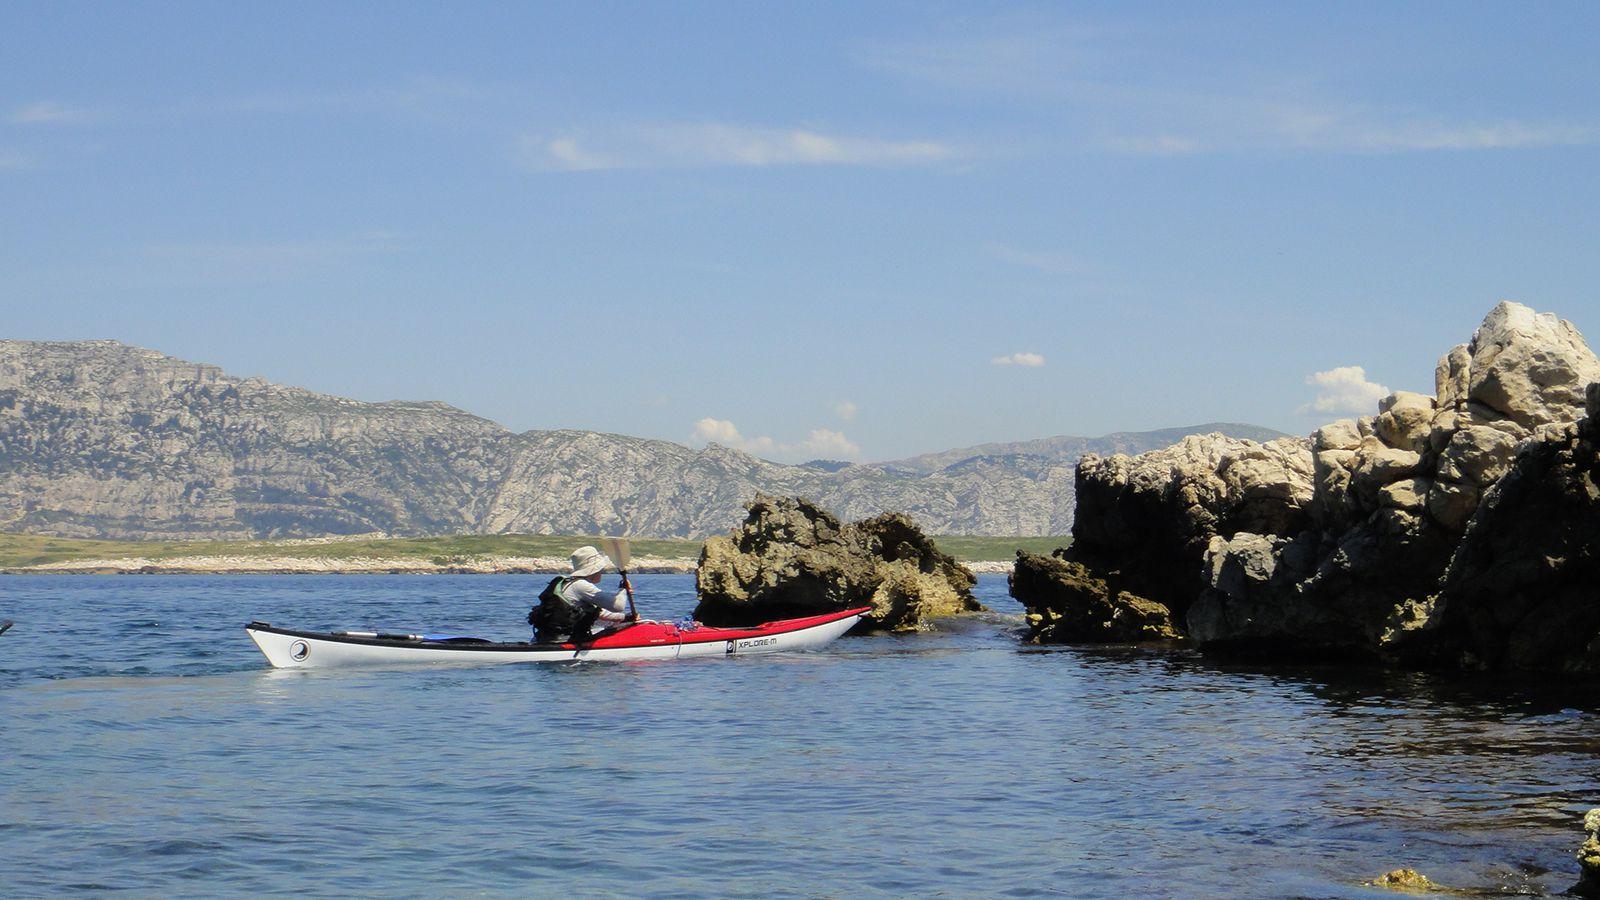 Rando kayak Calanques 2012 Jour 2 & 3 : Sormiou, Archipel Riou, Cap Croisette, Les Goudes, Podestat, Cassis.